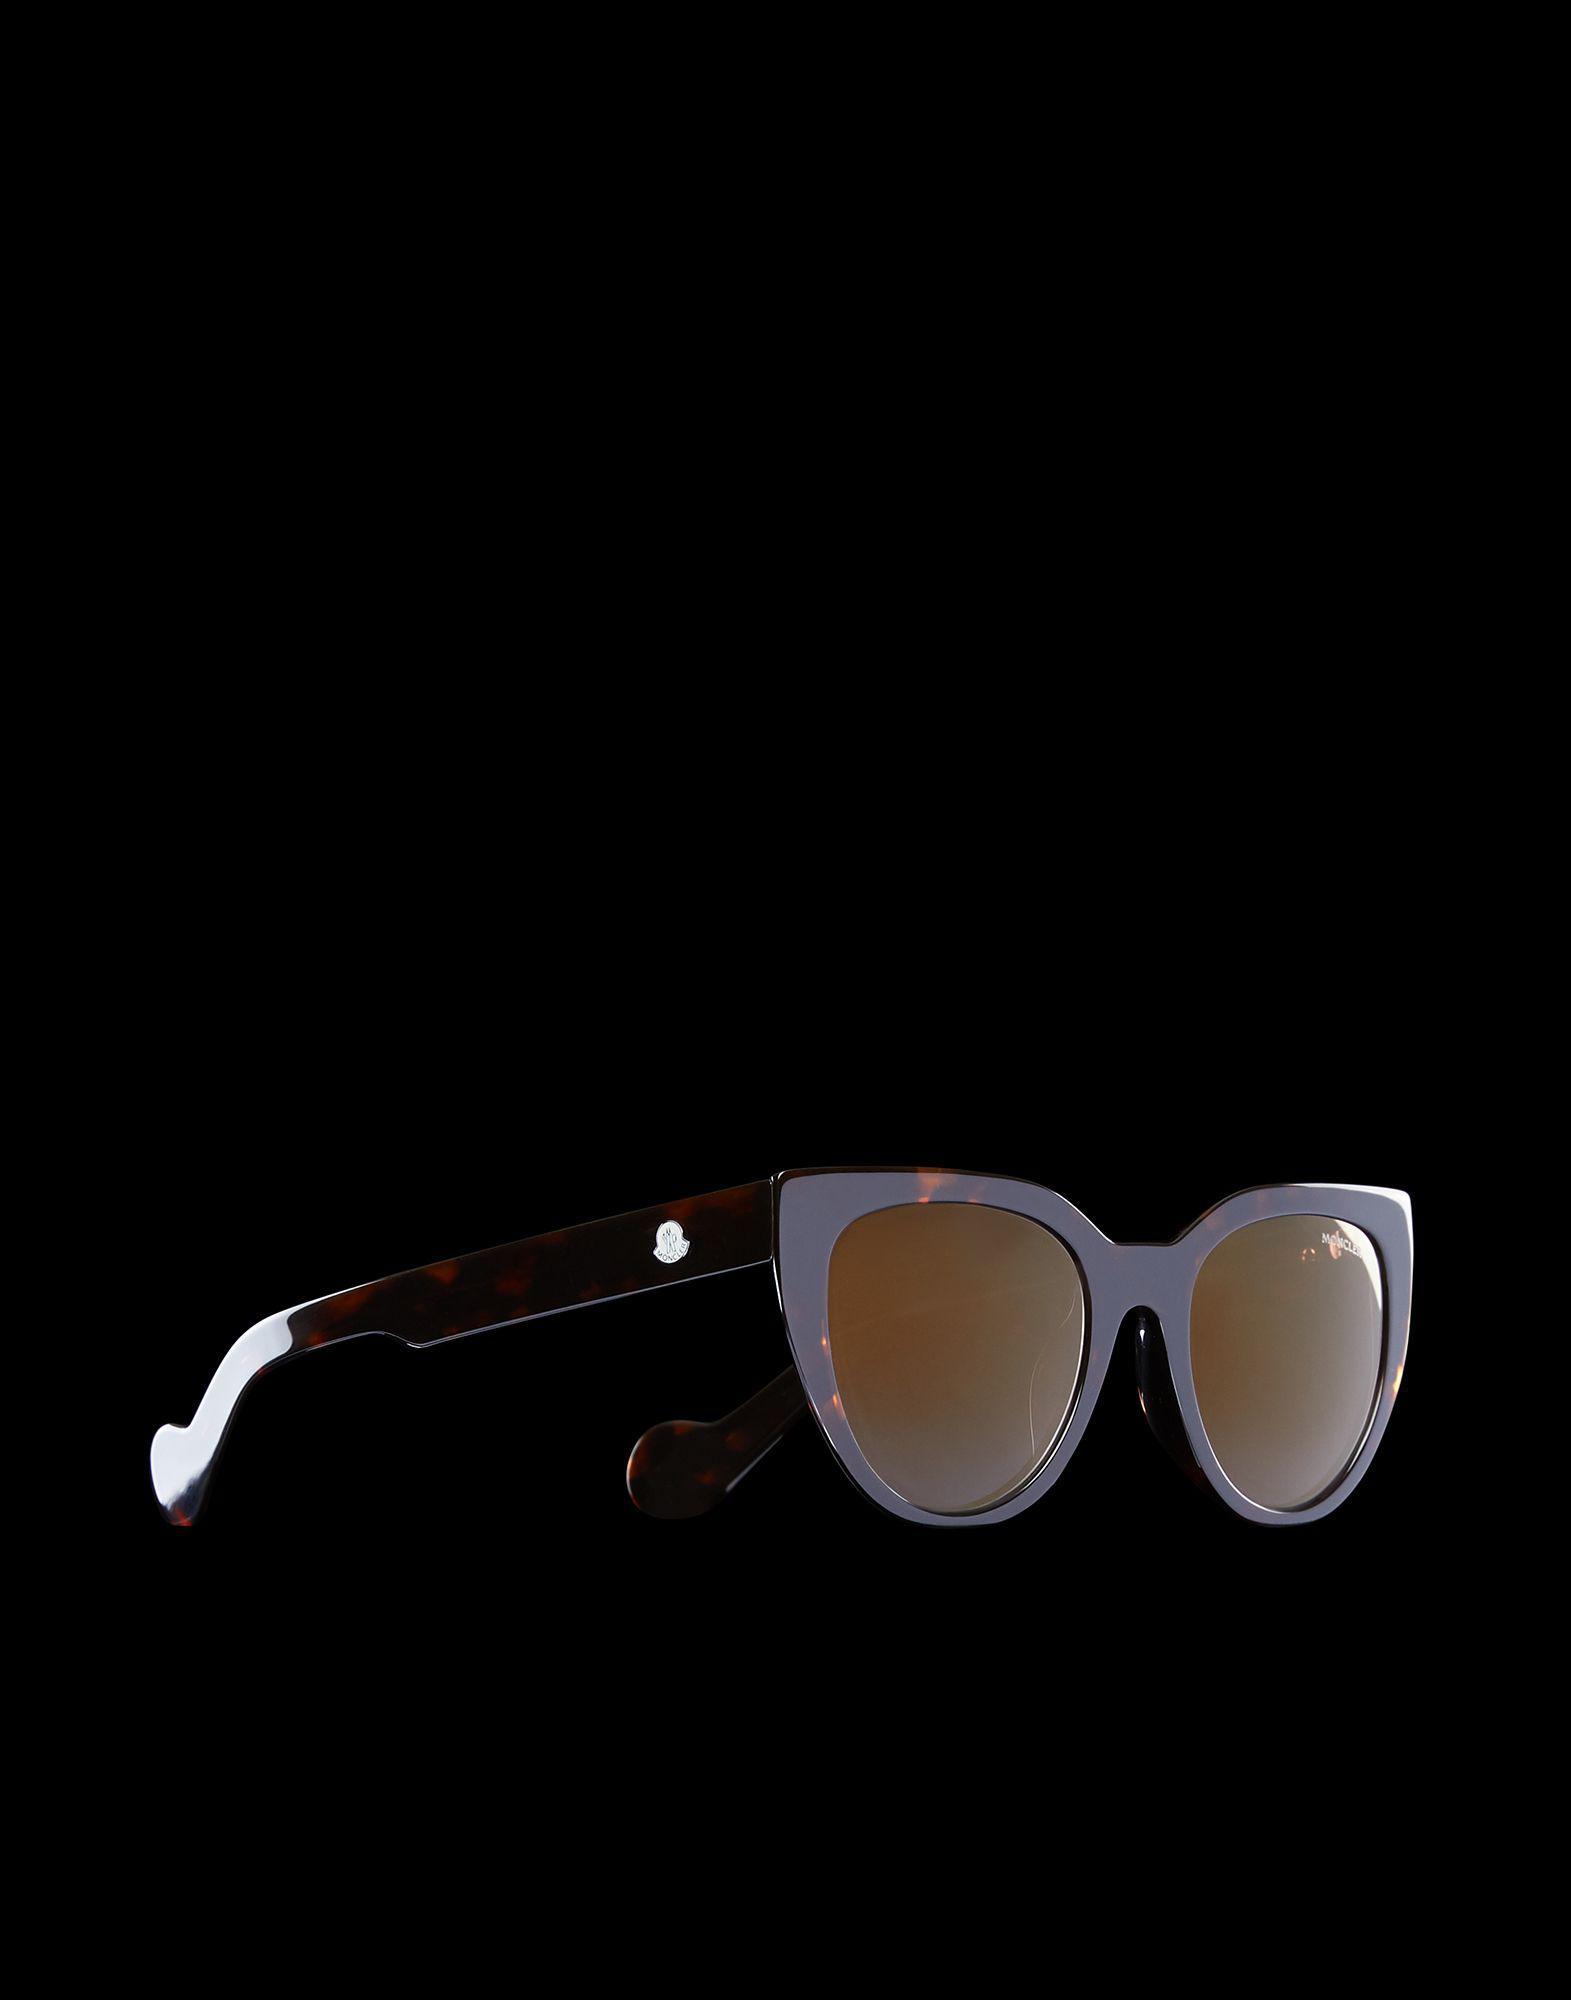 0c89f866c0 Lyst - Moncler Eyewear in Brown